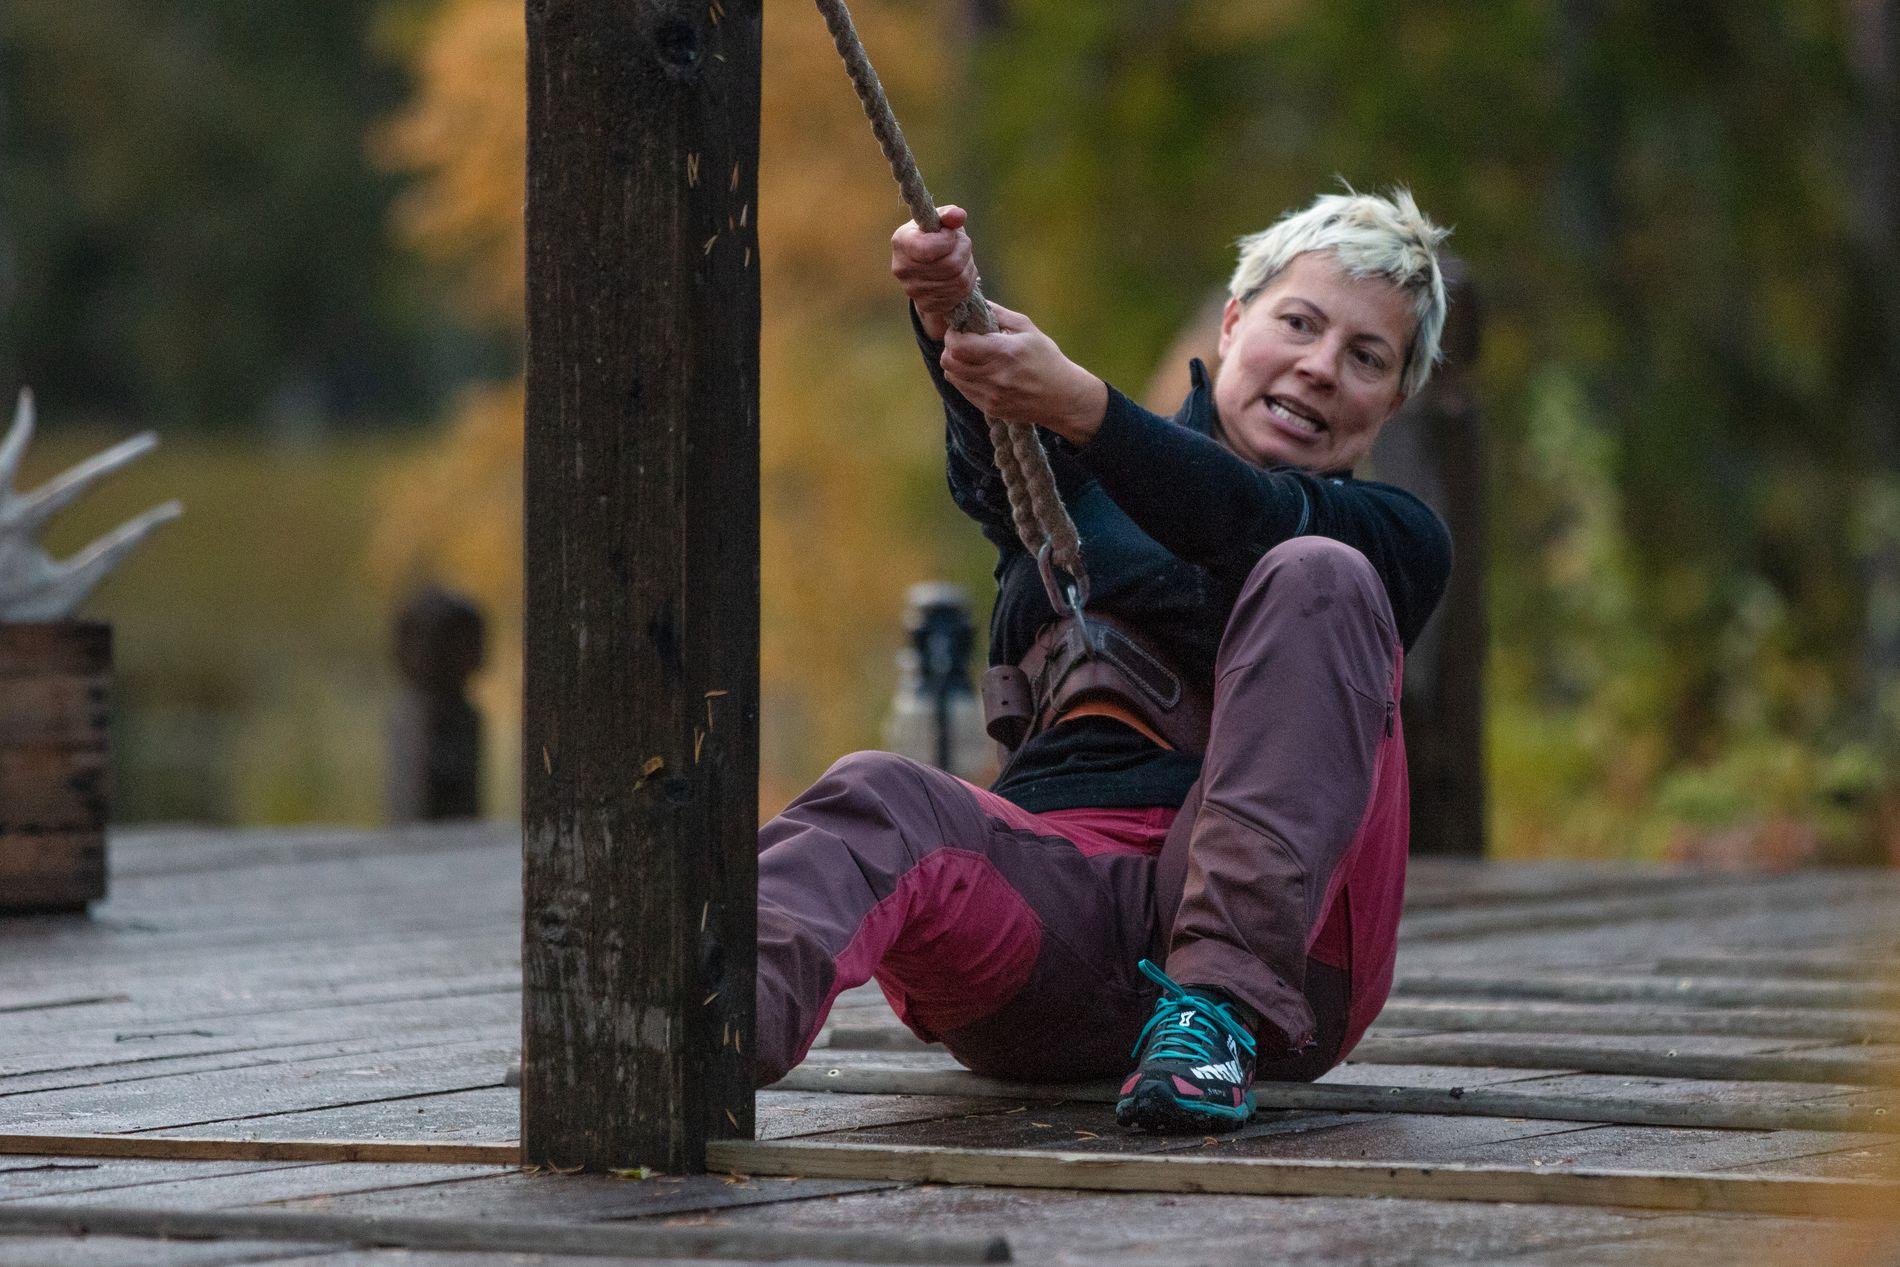 HOLDT LENGE: Sølvi Monsen røk opprinnelig ut av «Farmen» i uke 6, men vant sidekonkurransen «Torpet» og kom inn igjen på gården i uke 8. I uke 10 måtte hun omsider gi tapt, da hun tapte tautrekkingstvekampen mot Lene Sleperud (29).